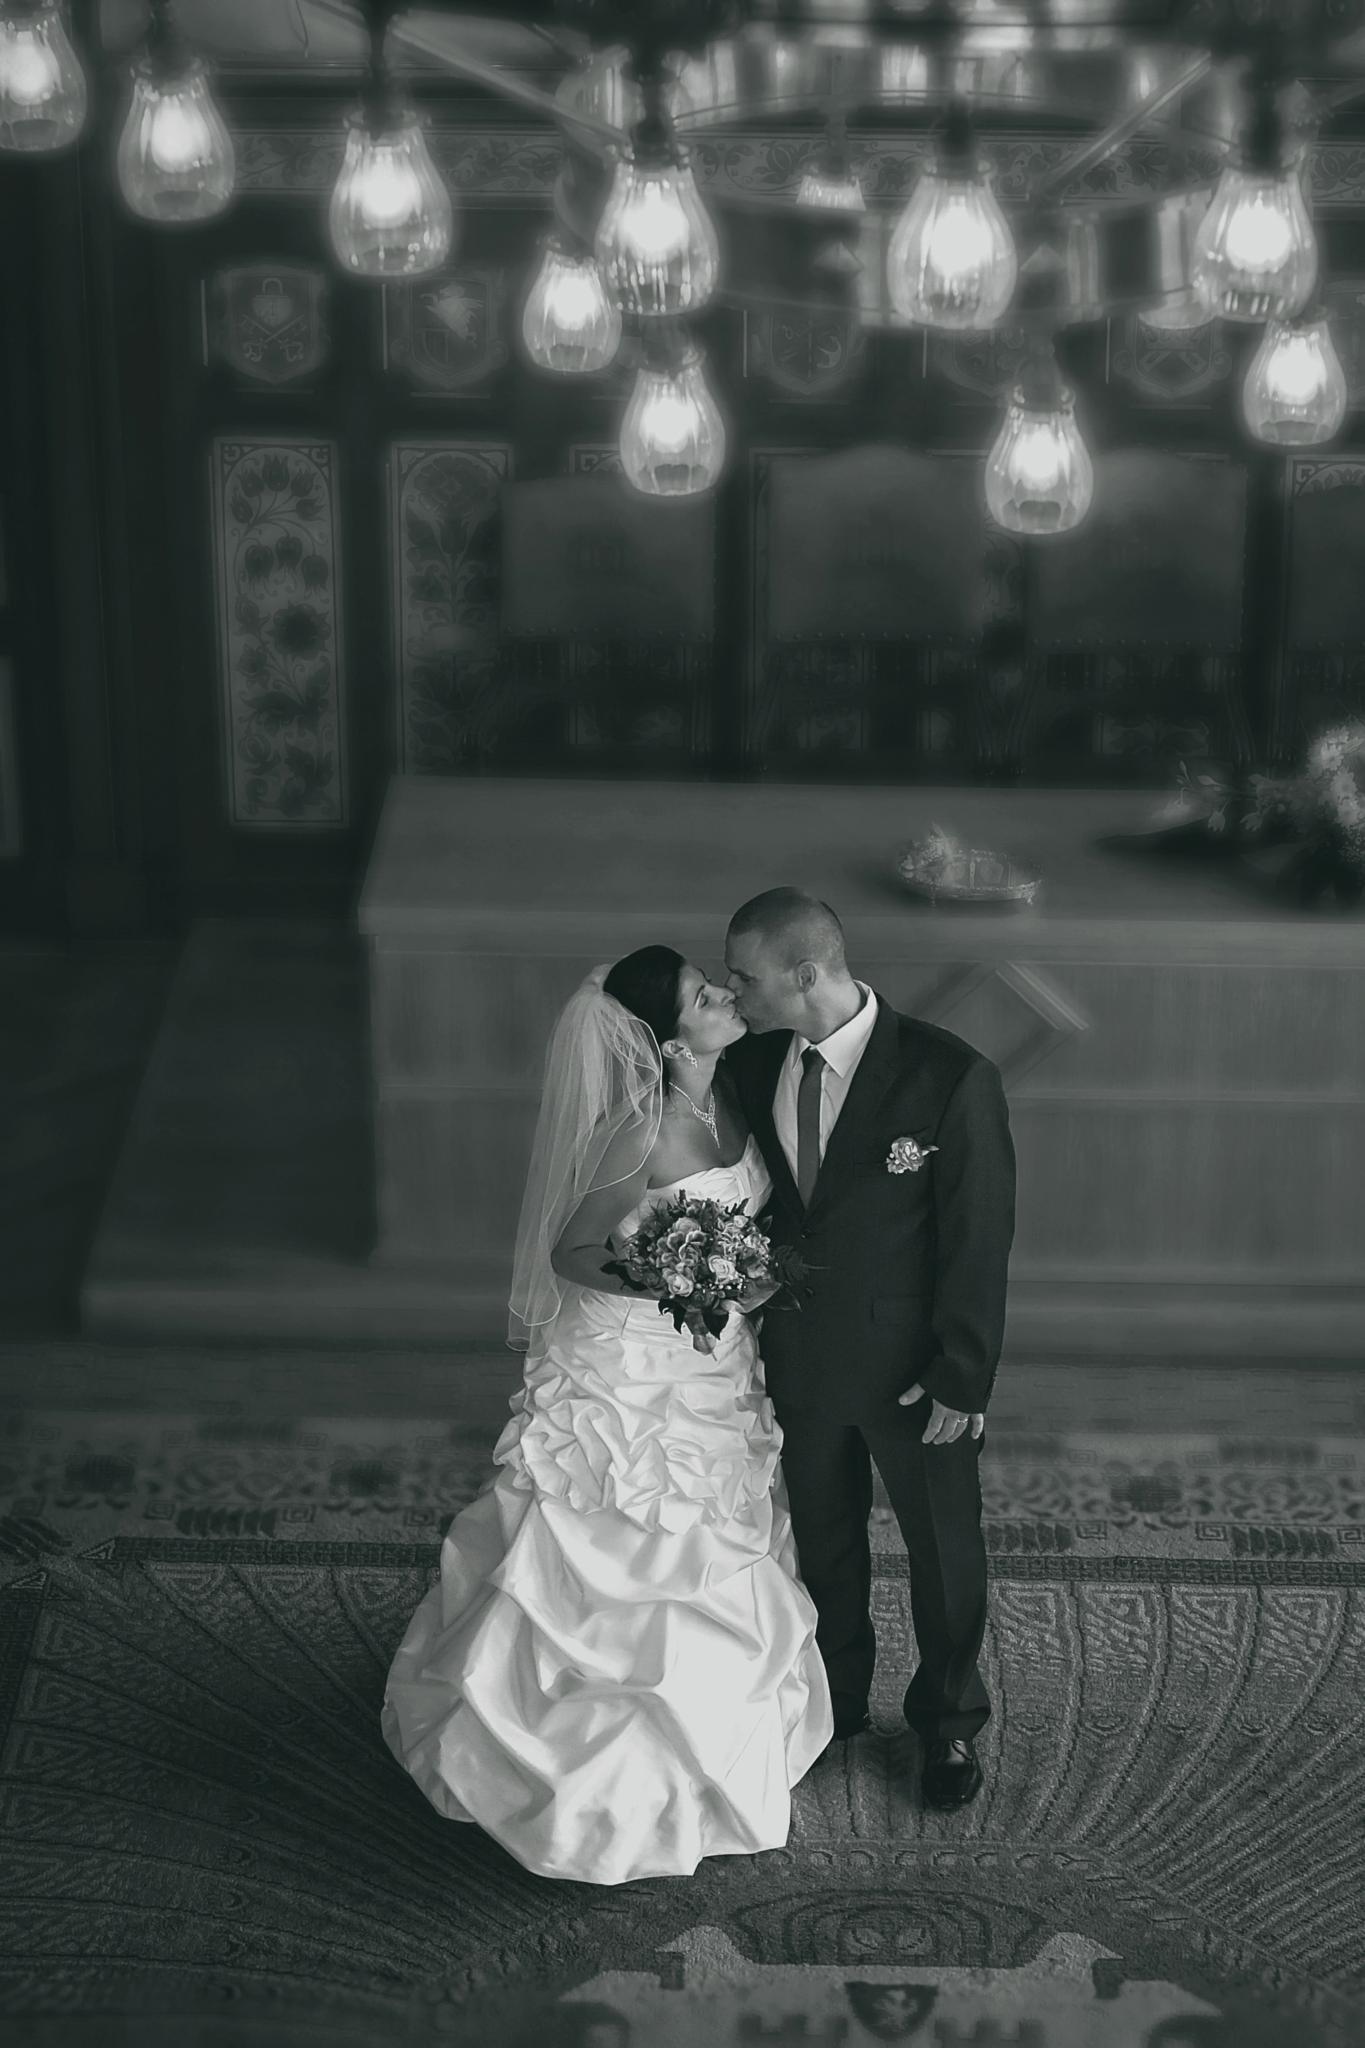 wedding insight by zdenka.photo